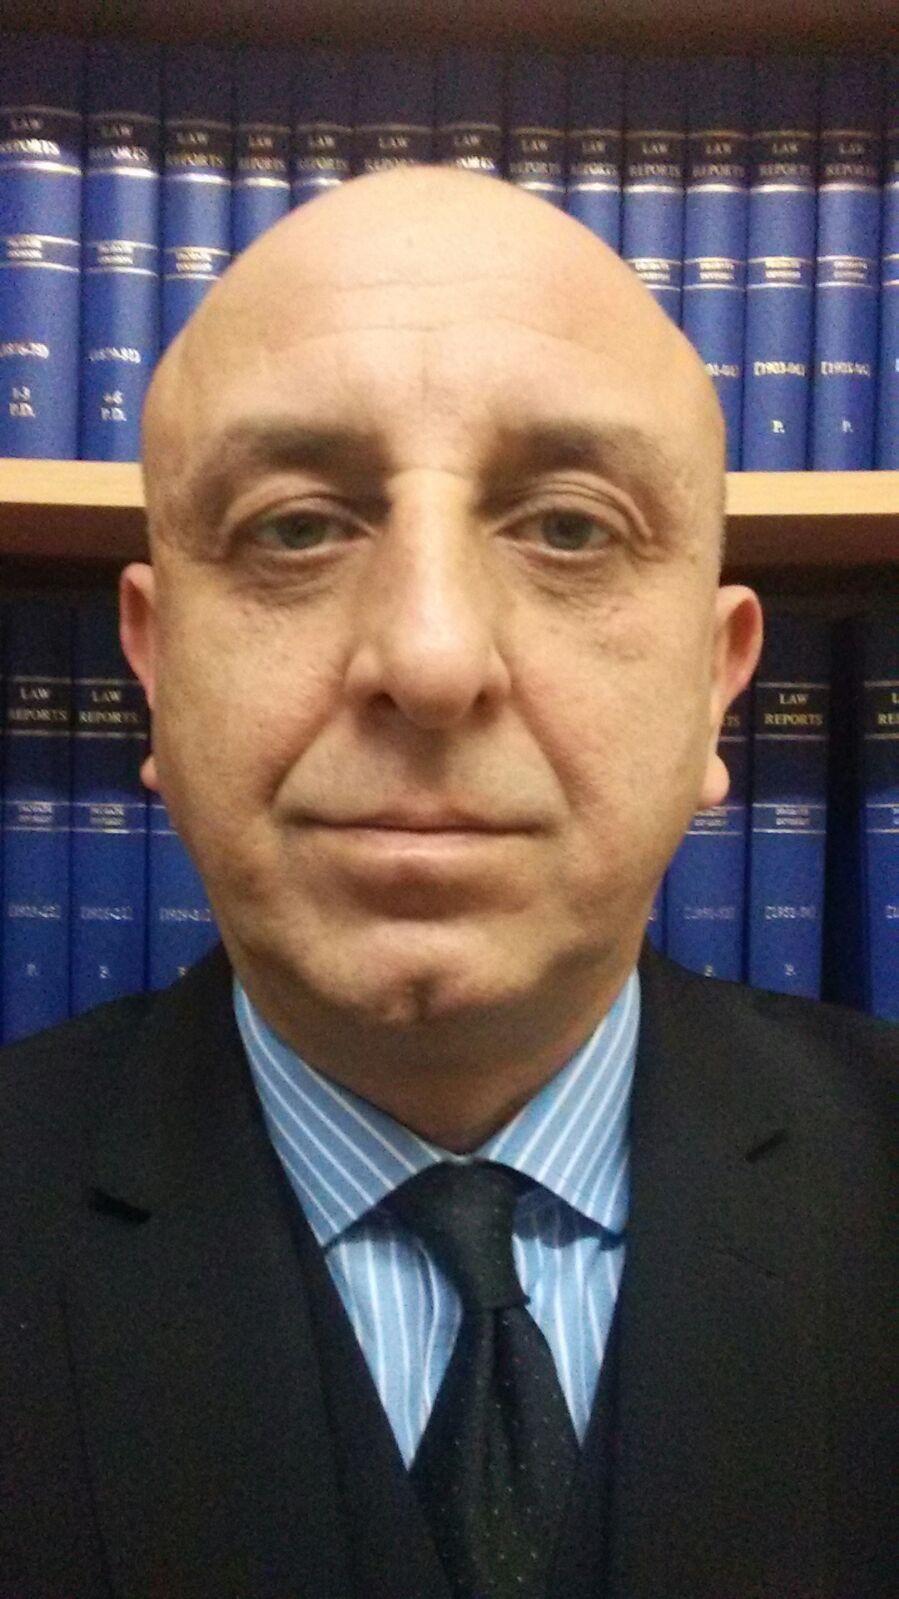 Alexander Khan